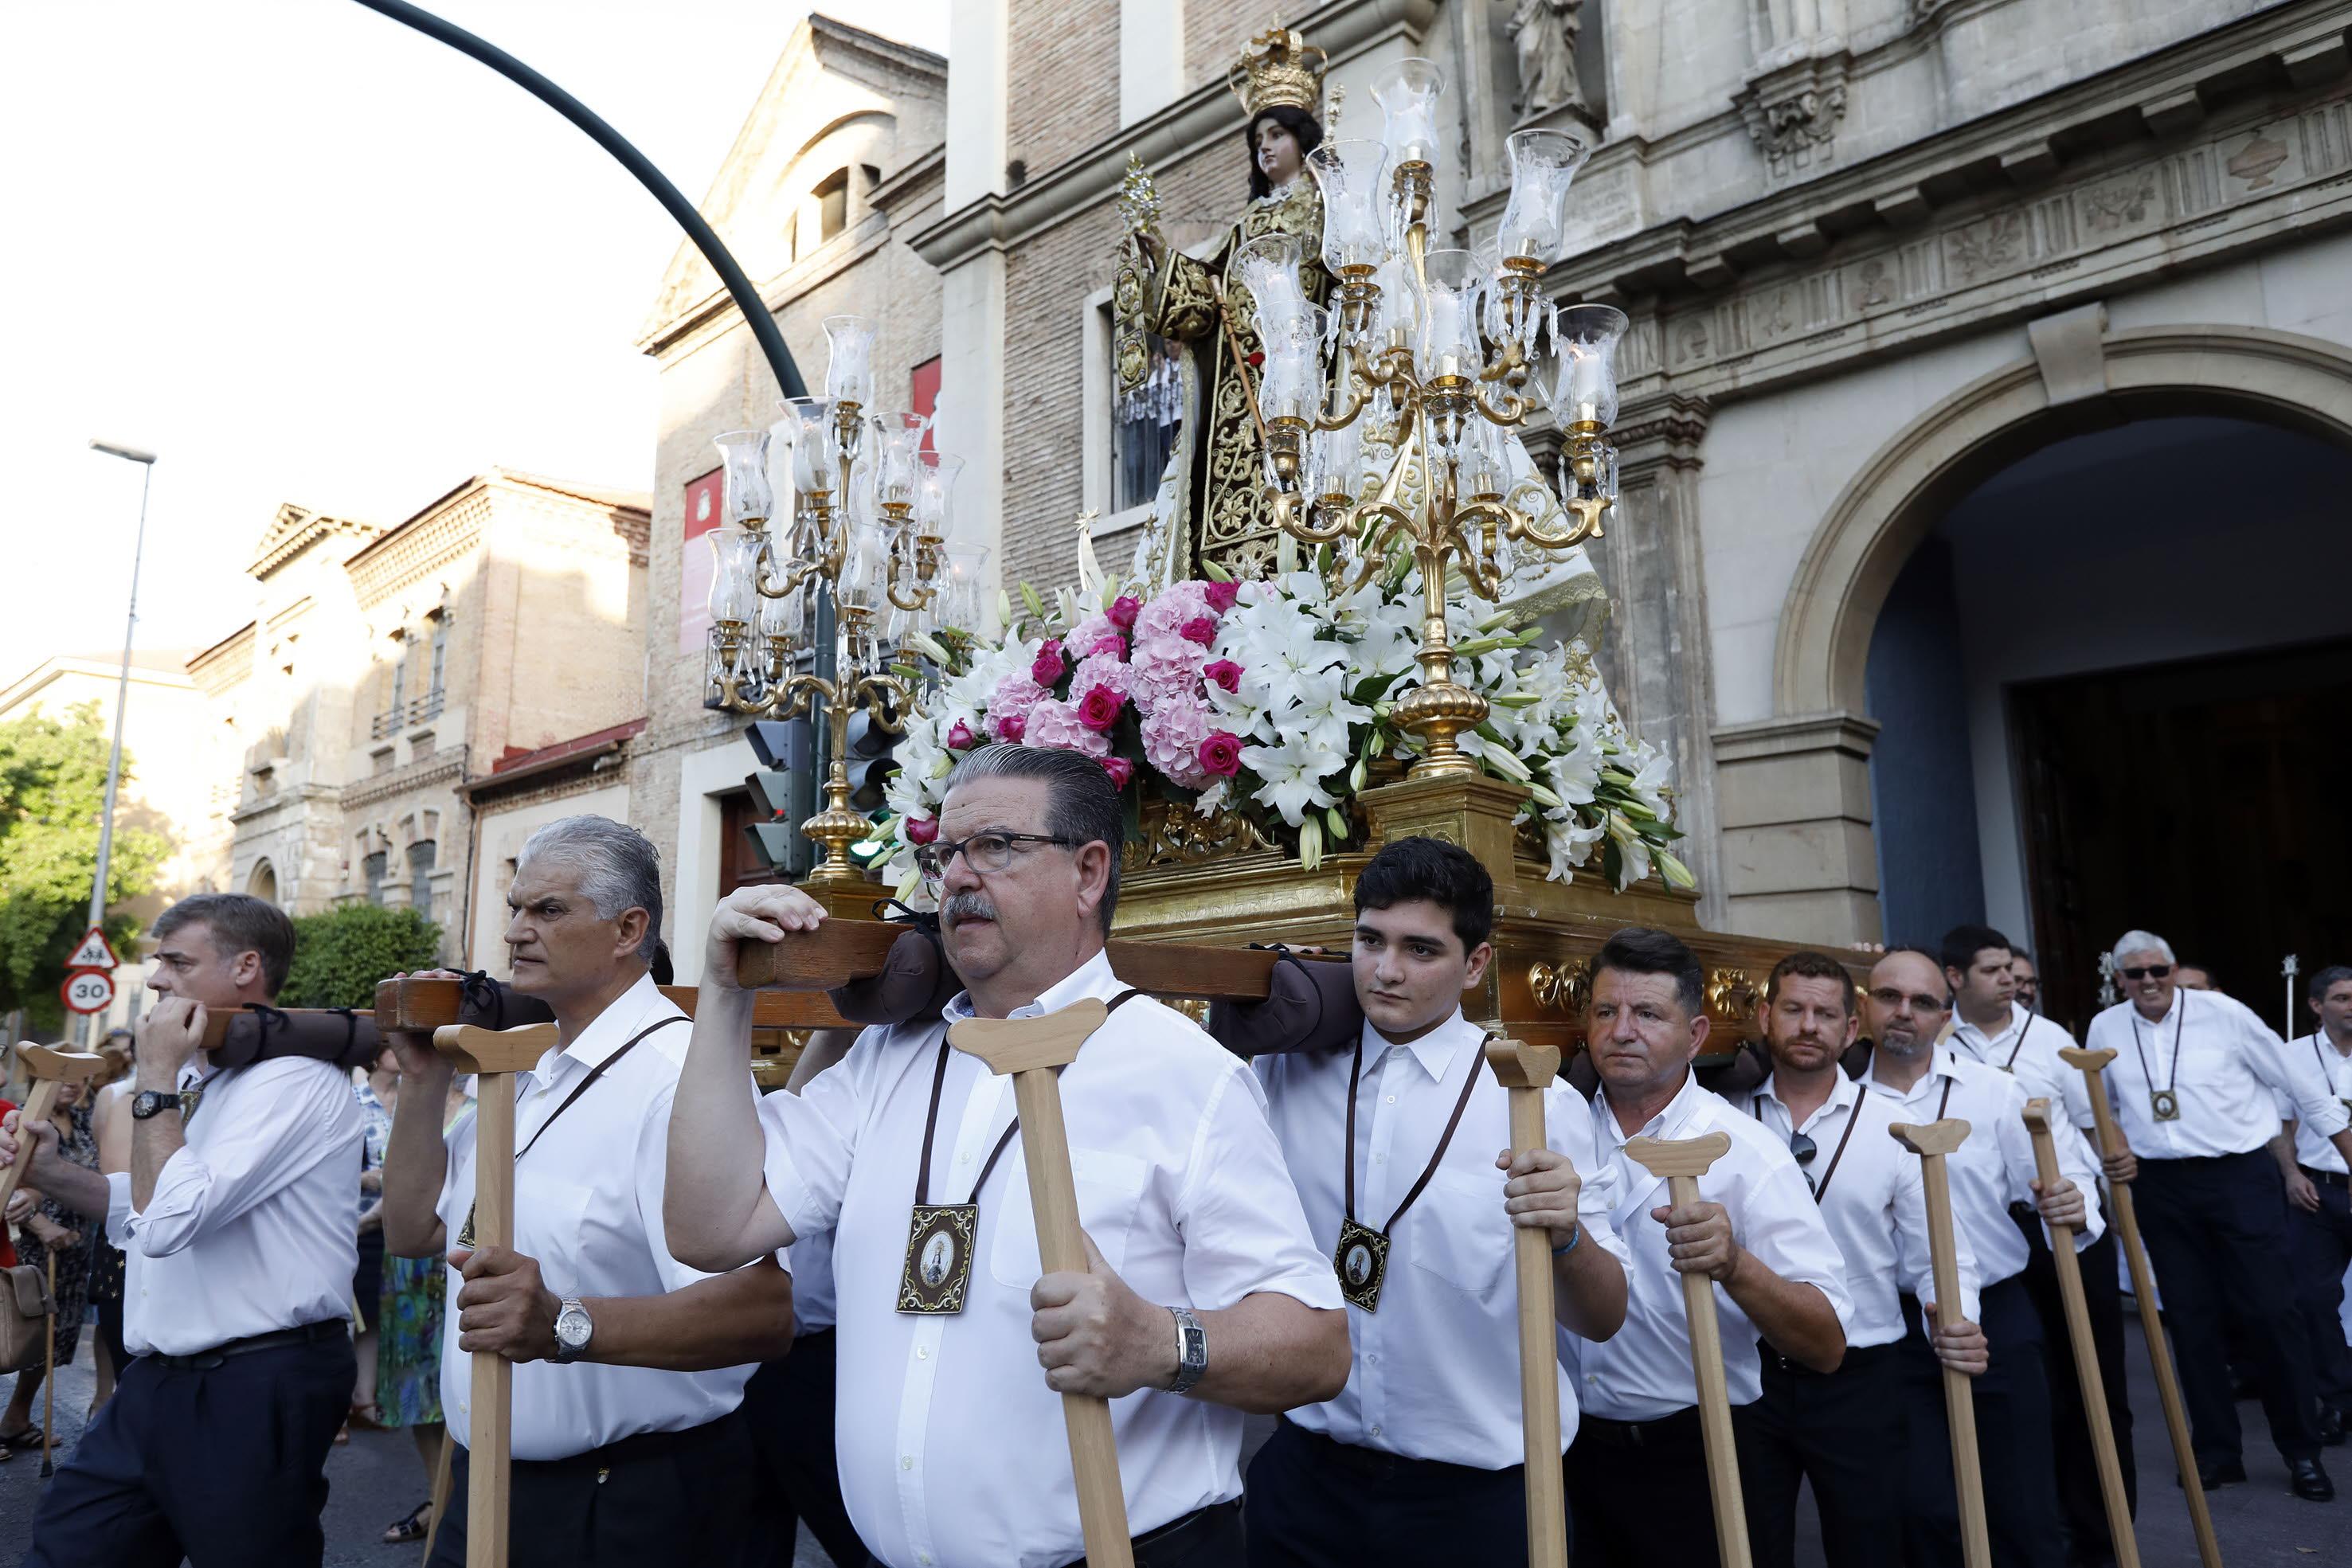 16-07-17 PROCESION DE LA VIRGEN DEL CARMEN EN EL BARRIO DEL CARMEN